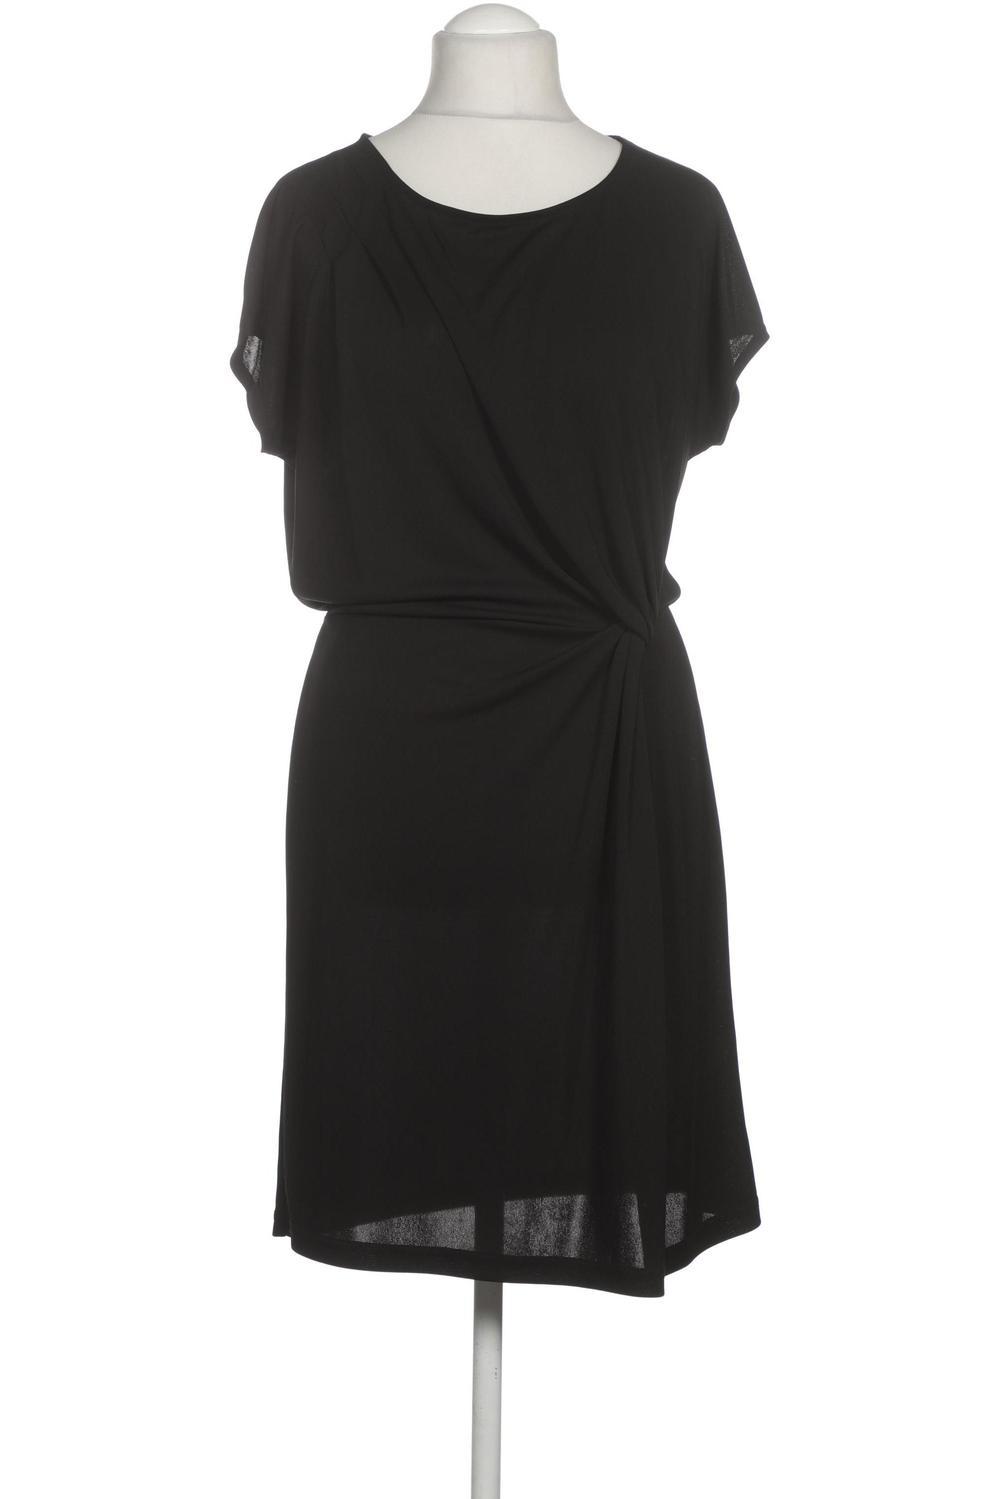 details zu taifungerry weber kleid damen dress damenkleid gr. m kein  etiket eef428f